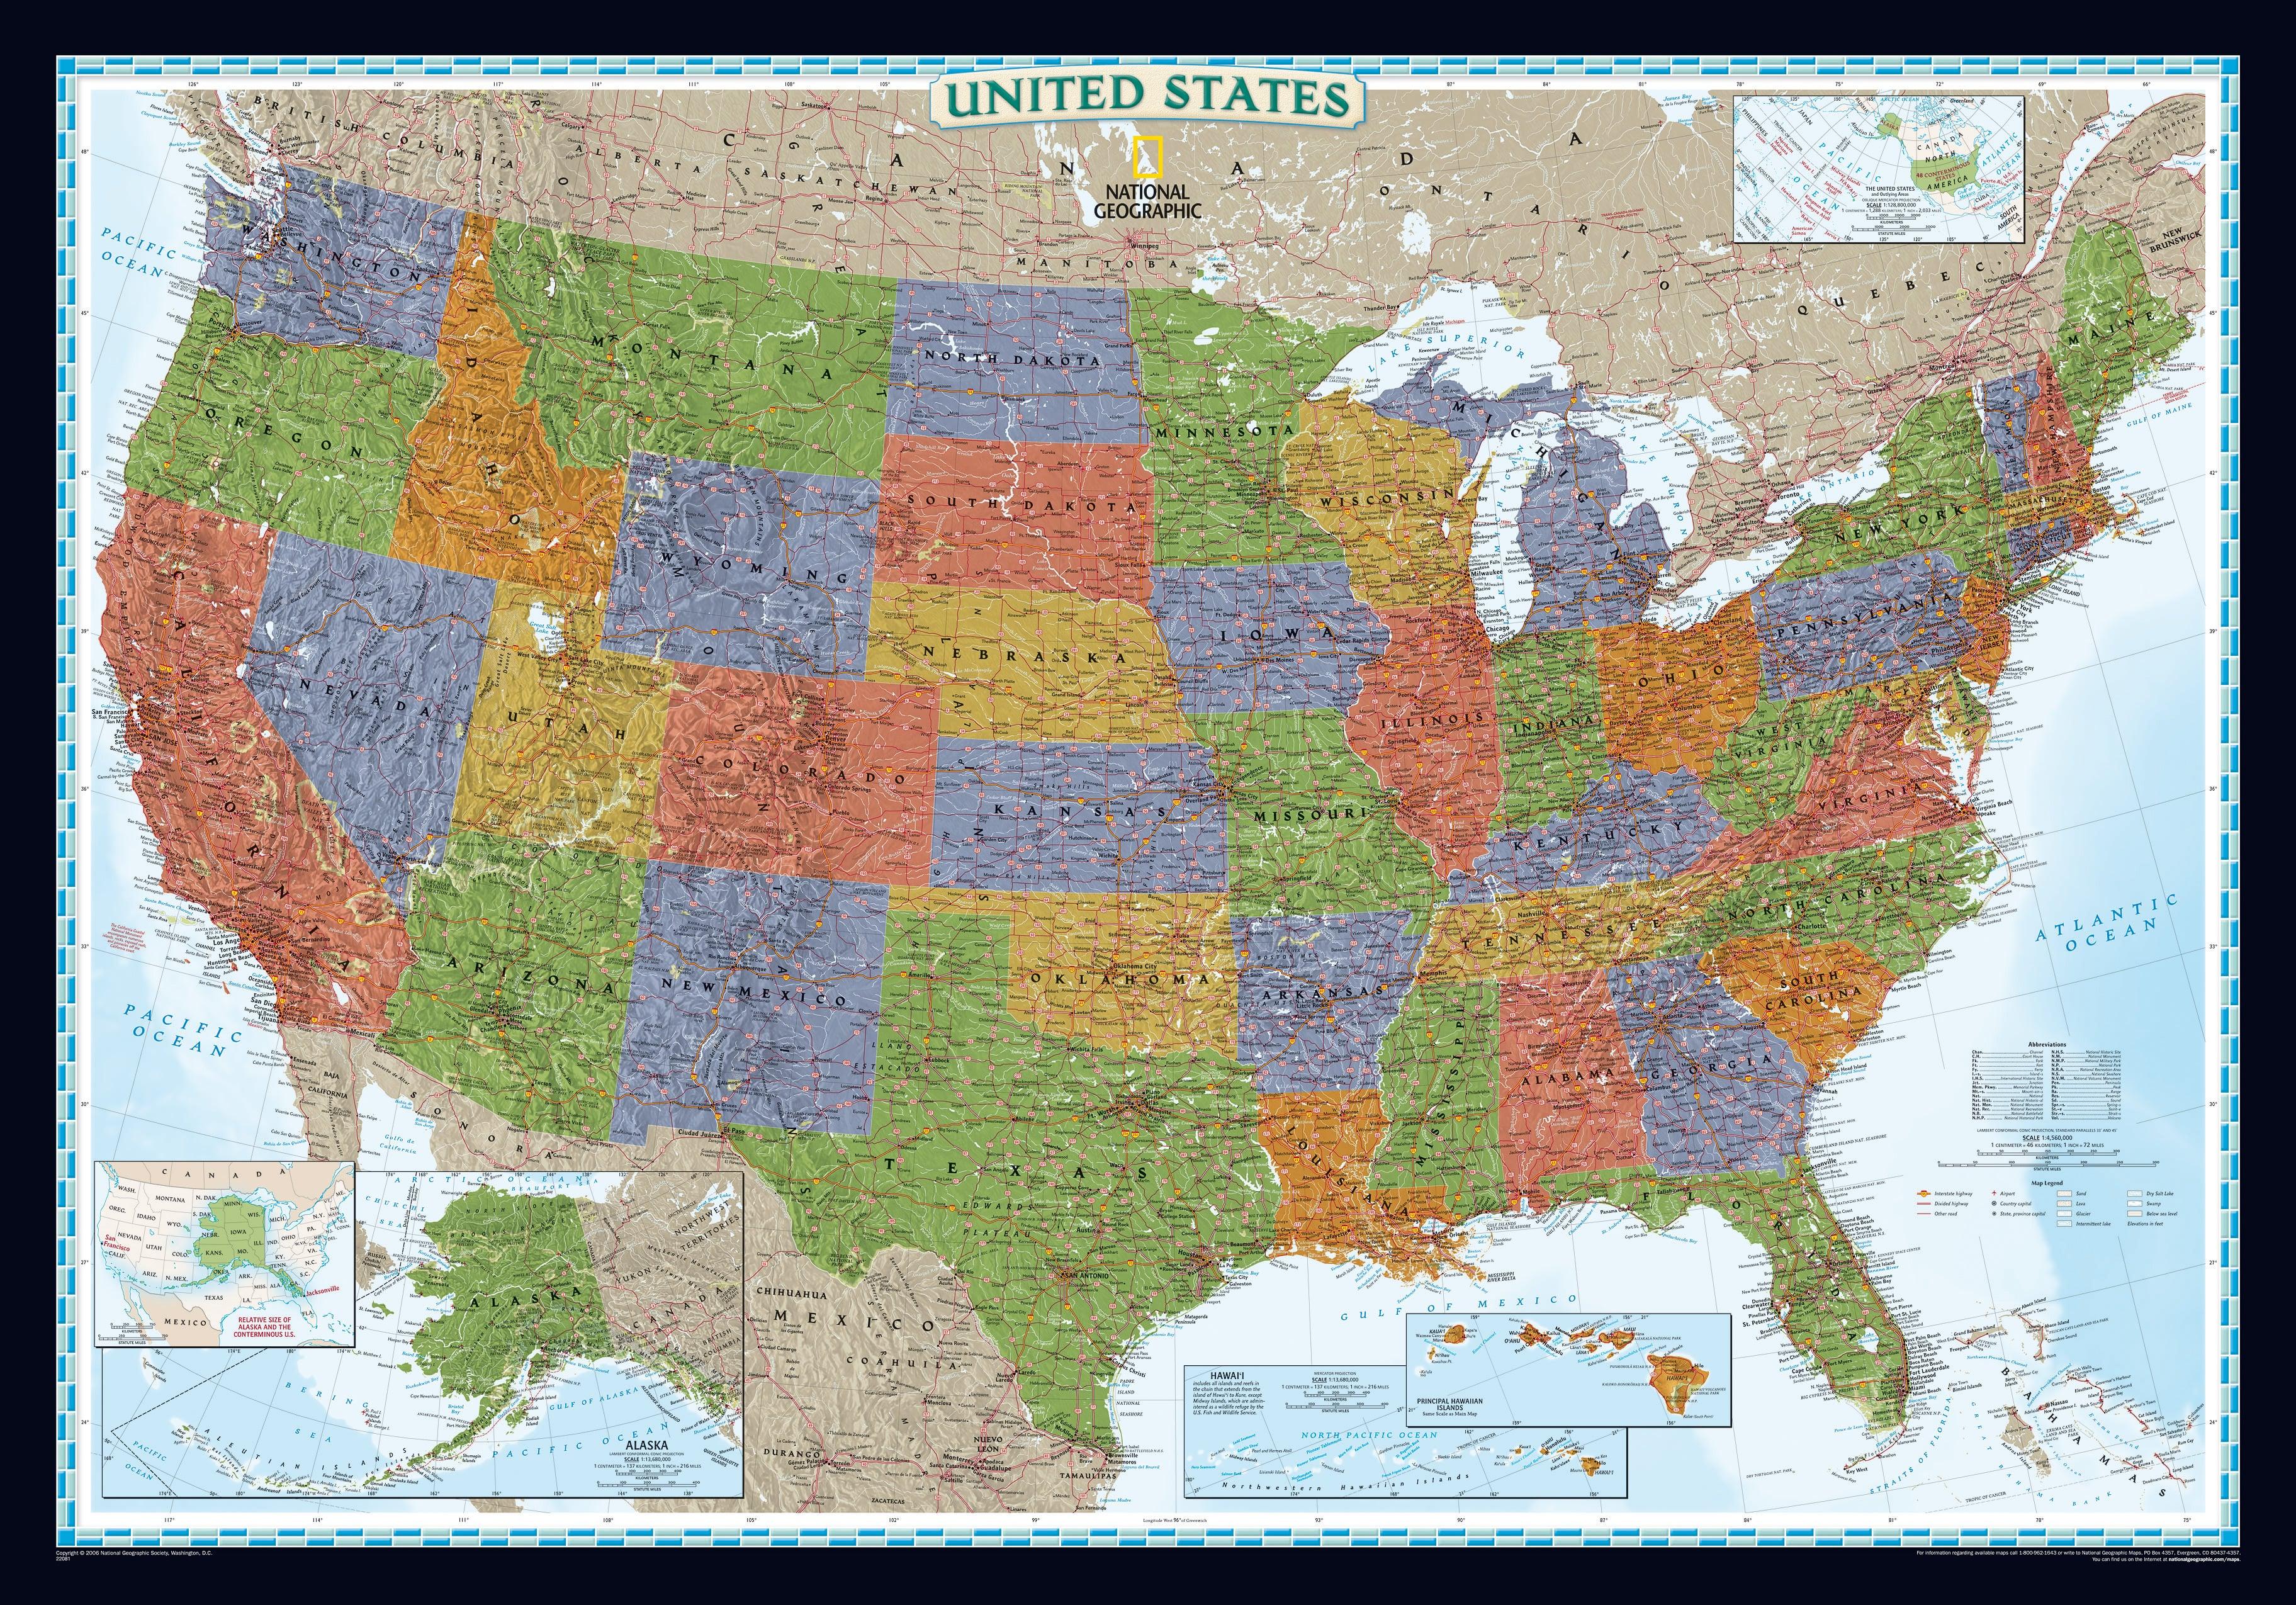 Großzügig Farbige Karte Von Nordamerika Galerie ...